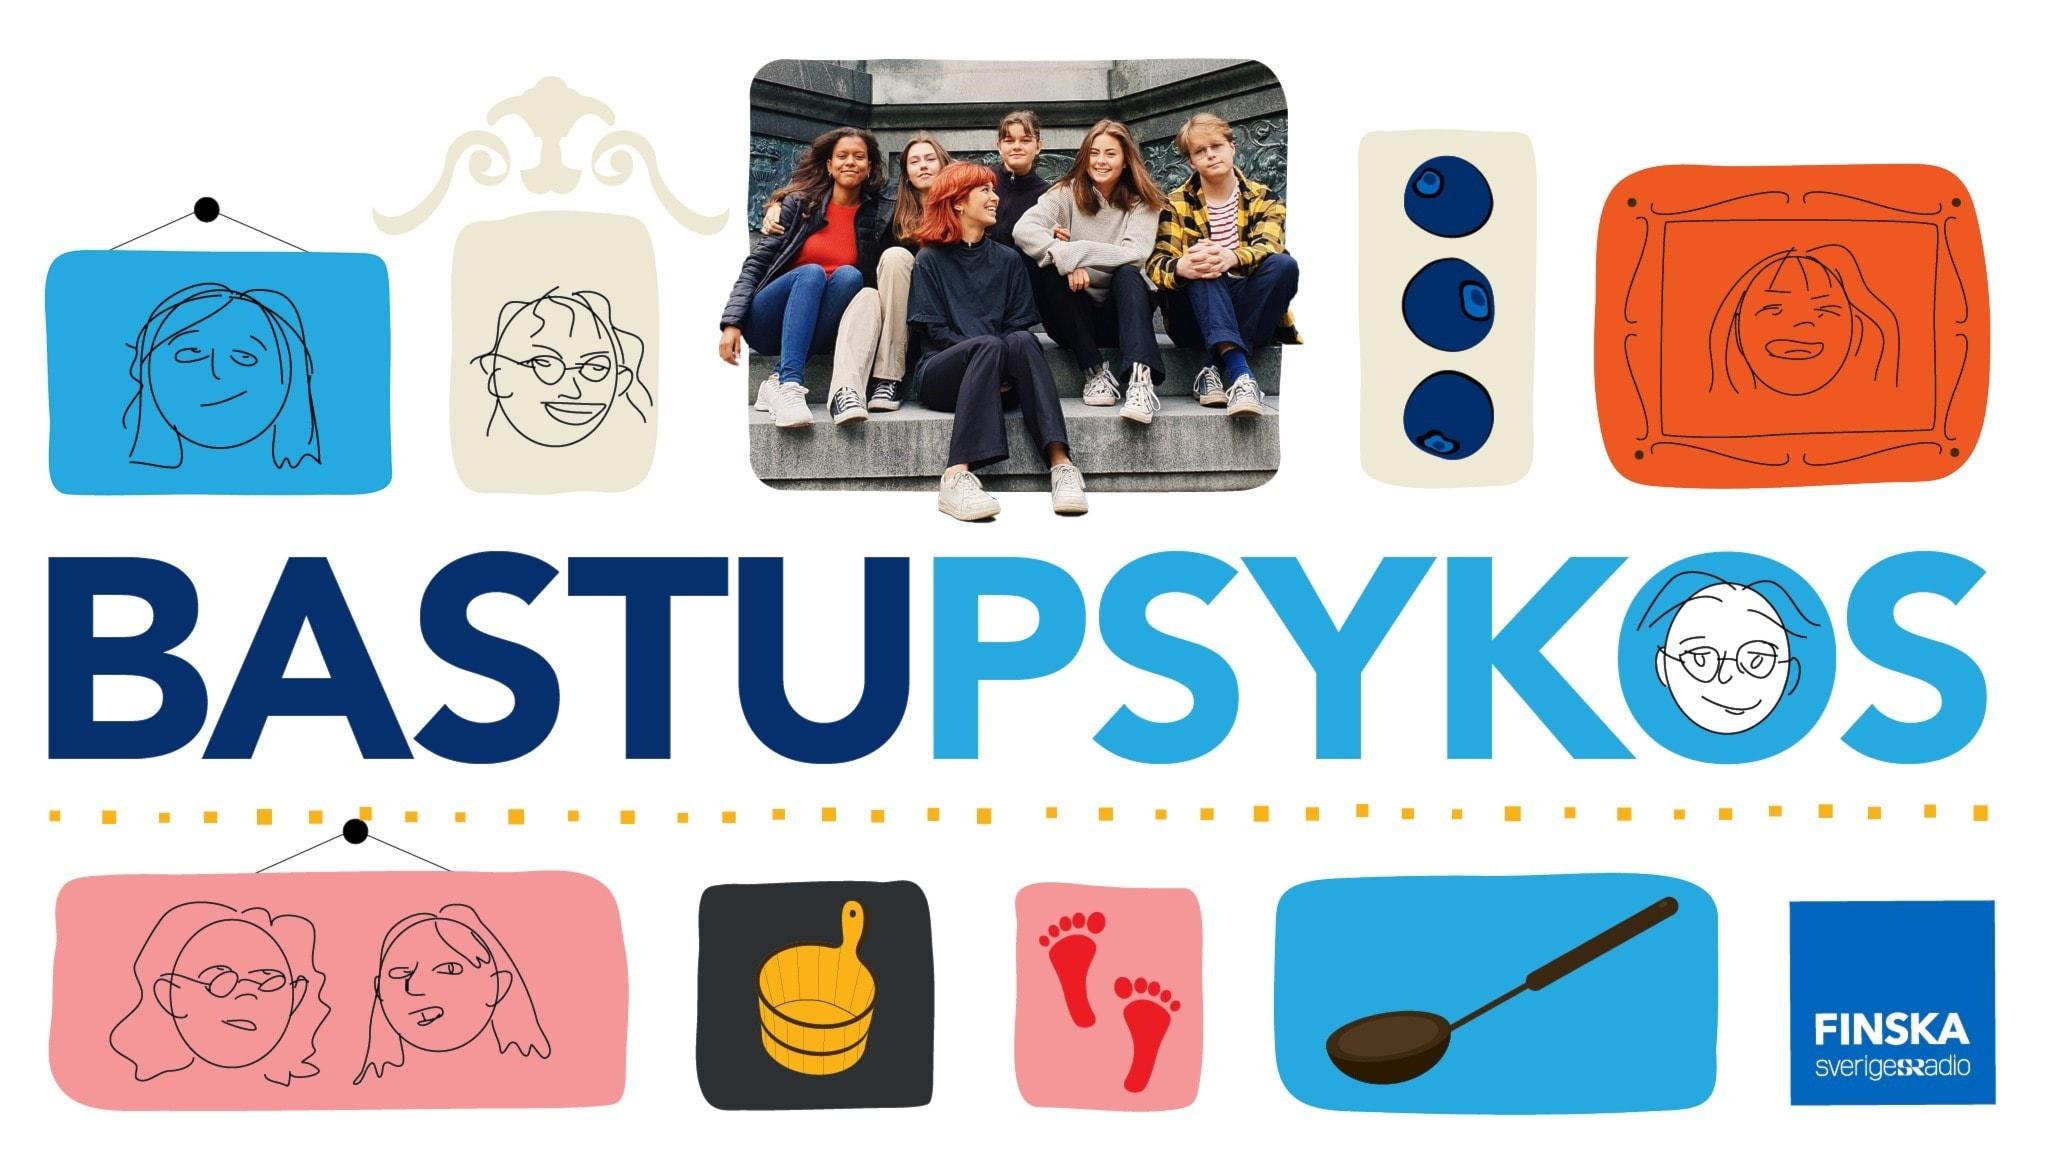 Ett kollage med små tecknade grafiska element. samt en bild med de sex programledarna. I mitten står det Bastupsyos med stora bokstäver.